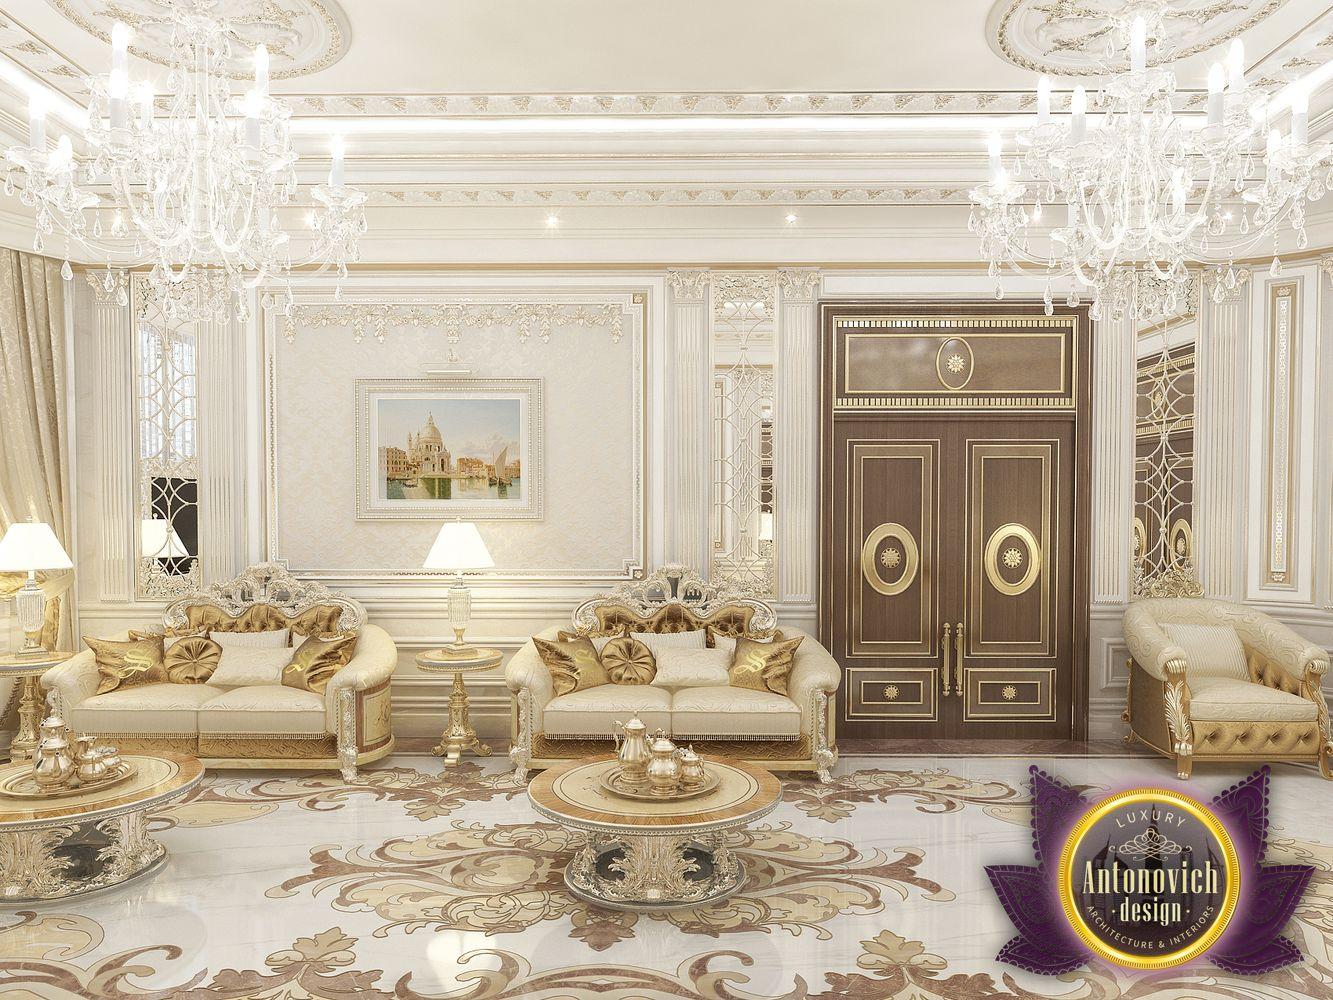 LUXURY ANTONOVICH DESIGN UAE: Living room interior design ...